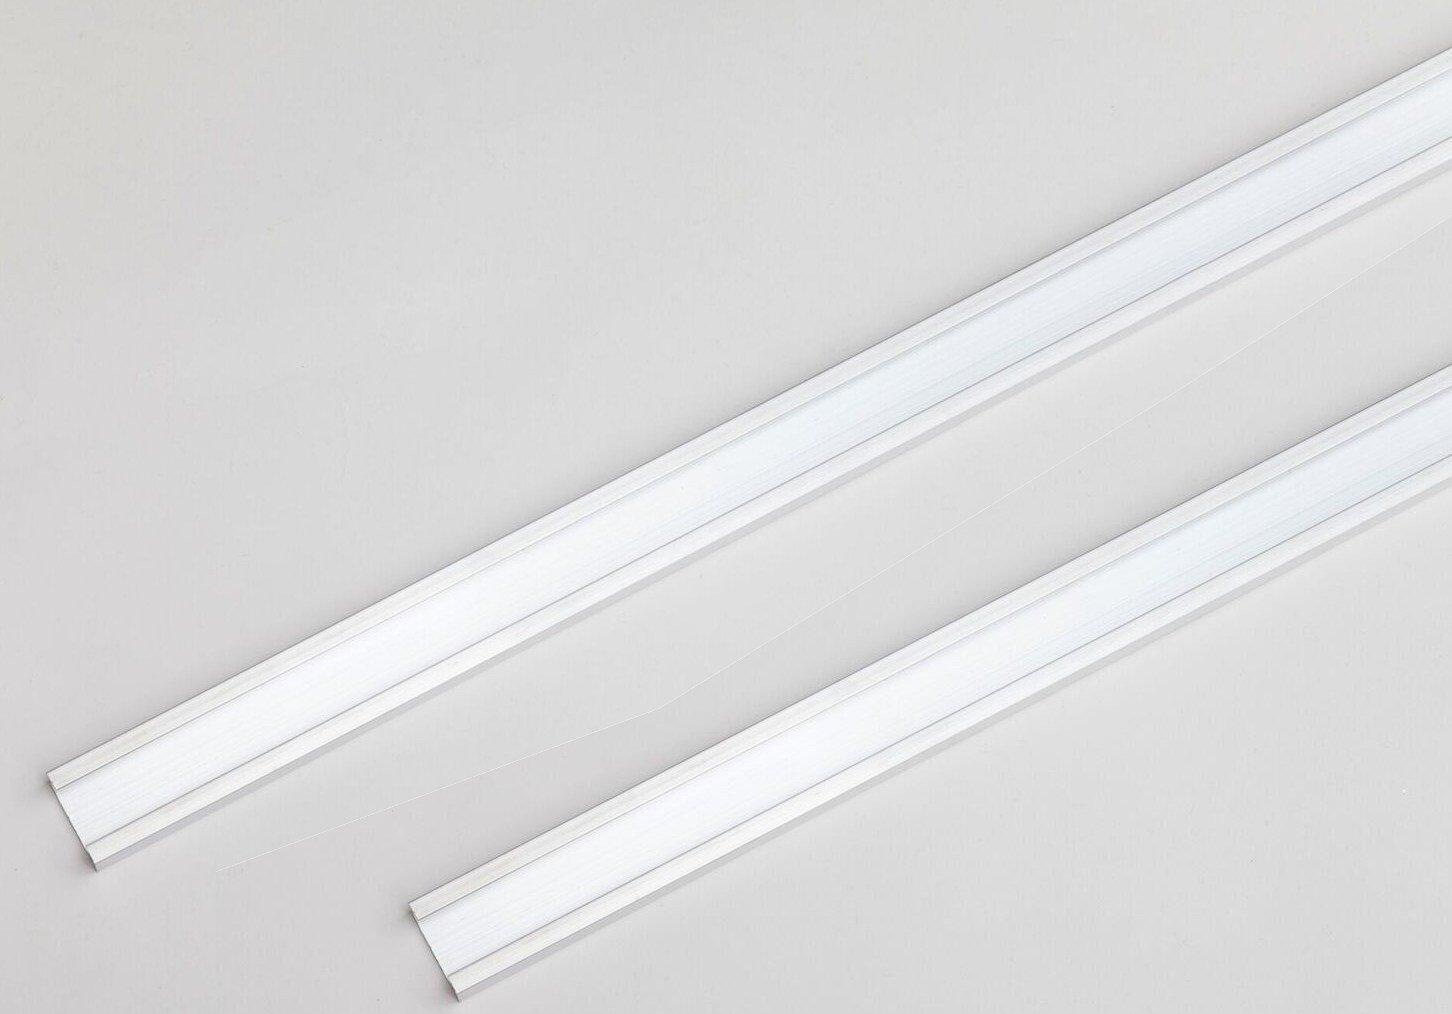 Original Aluminium Profilé C Suspension Rail 740mm par exemple pour sanlight M30Lampe pour plantes–1paire (Lot de 2)